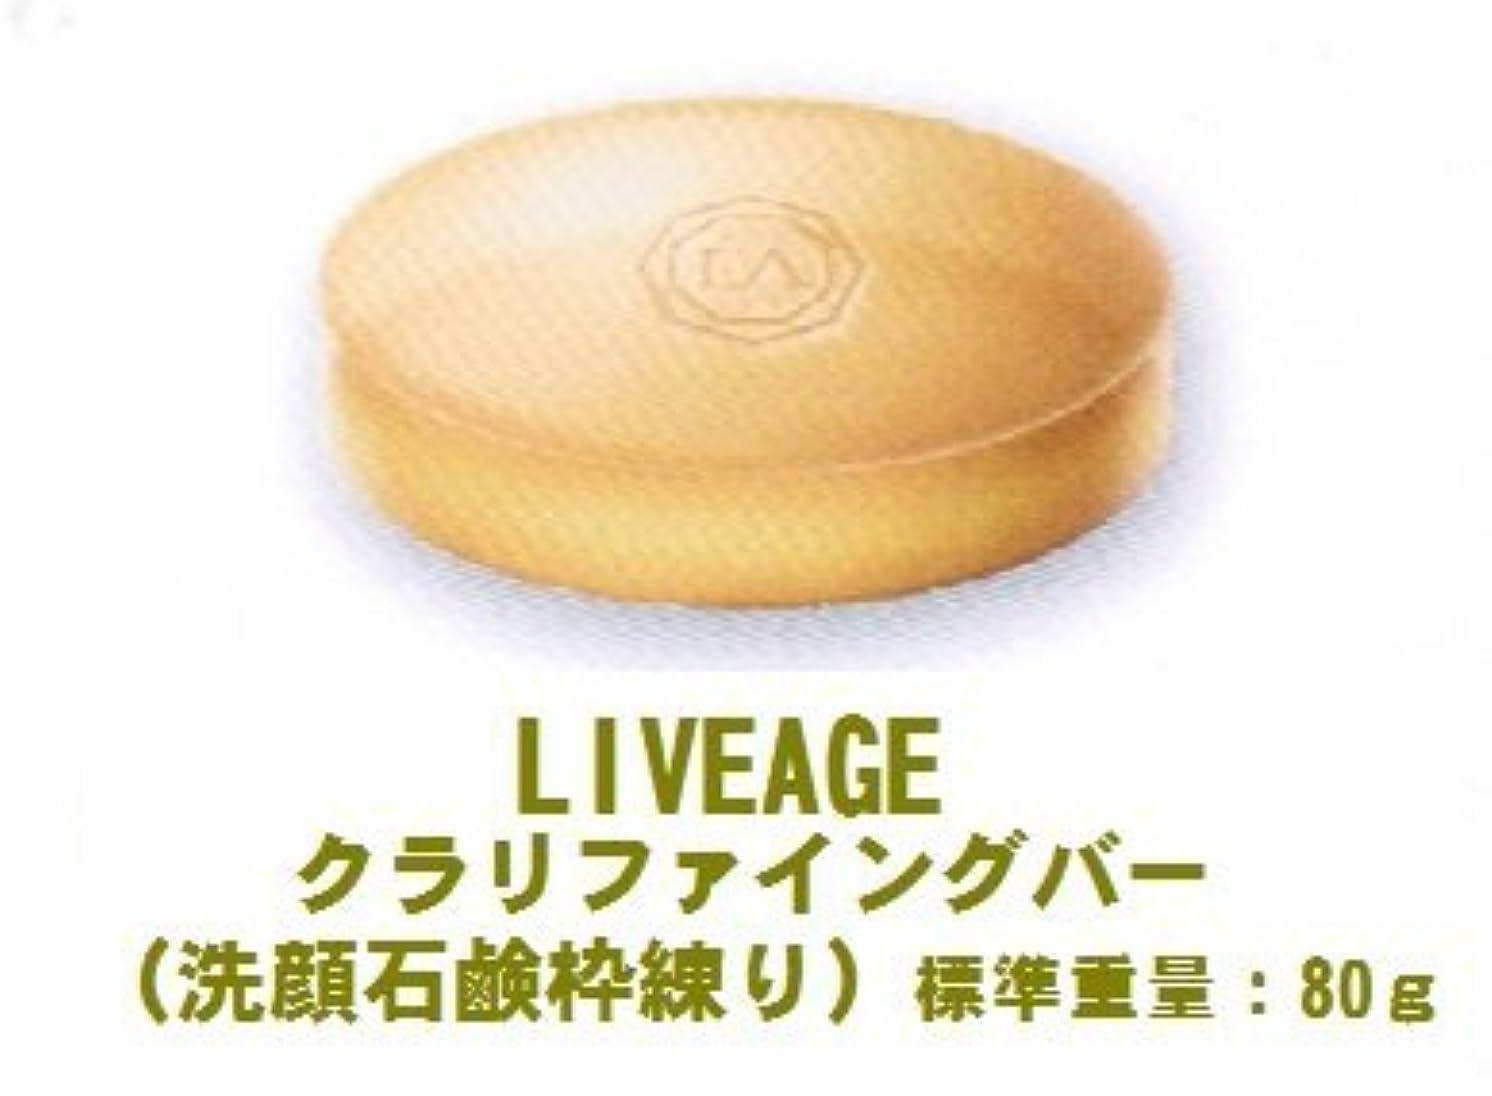 前兆割り当て誇張するLIVEAGE(ライヴァージュ)クラリファイング バー(洗顔石鹸 枠練り)標準重量80g